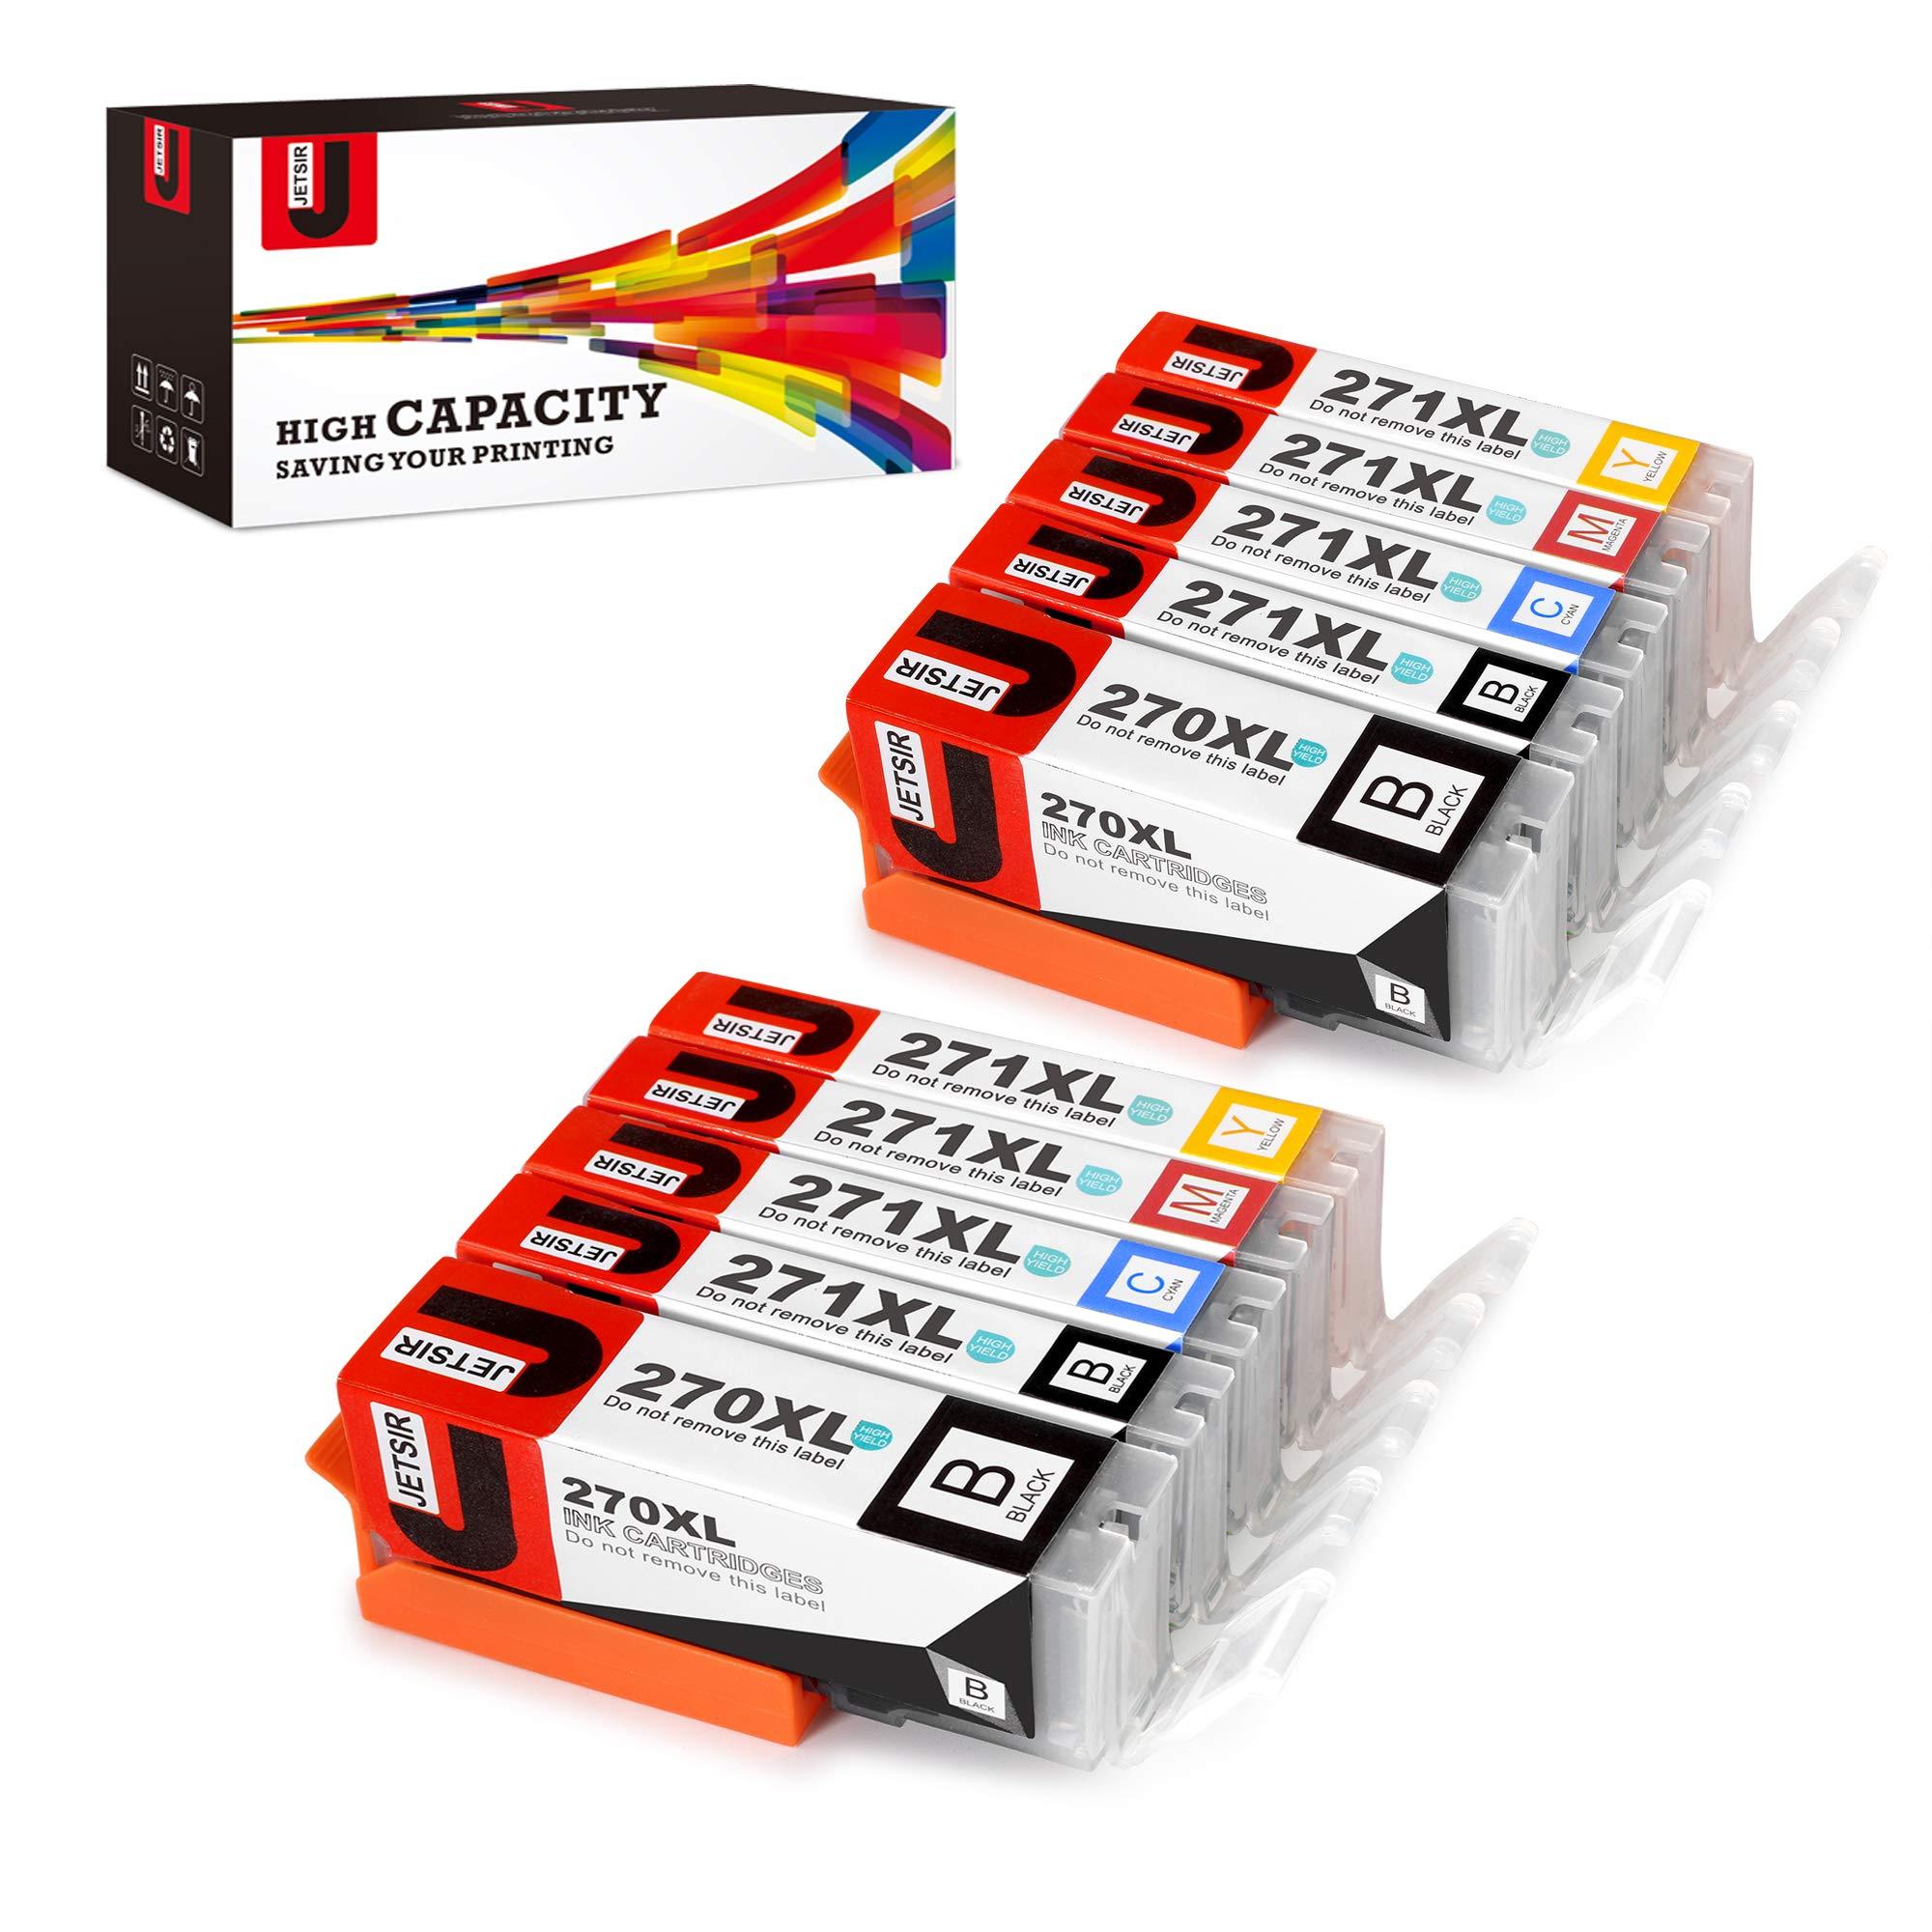 Cartucho Alternativo Canon PGI-270 XL CLI-271 XL10 Un. JETSI